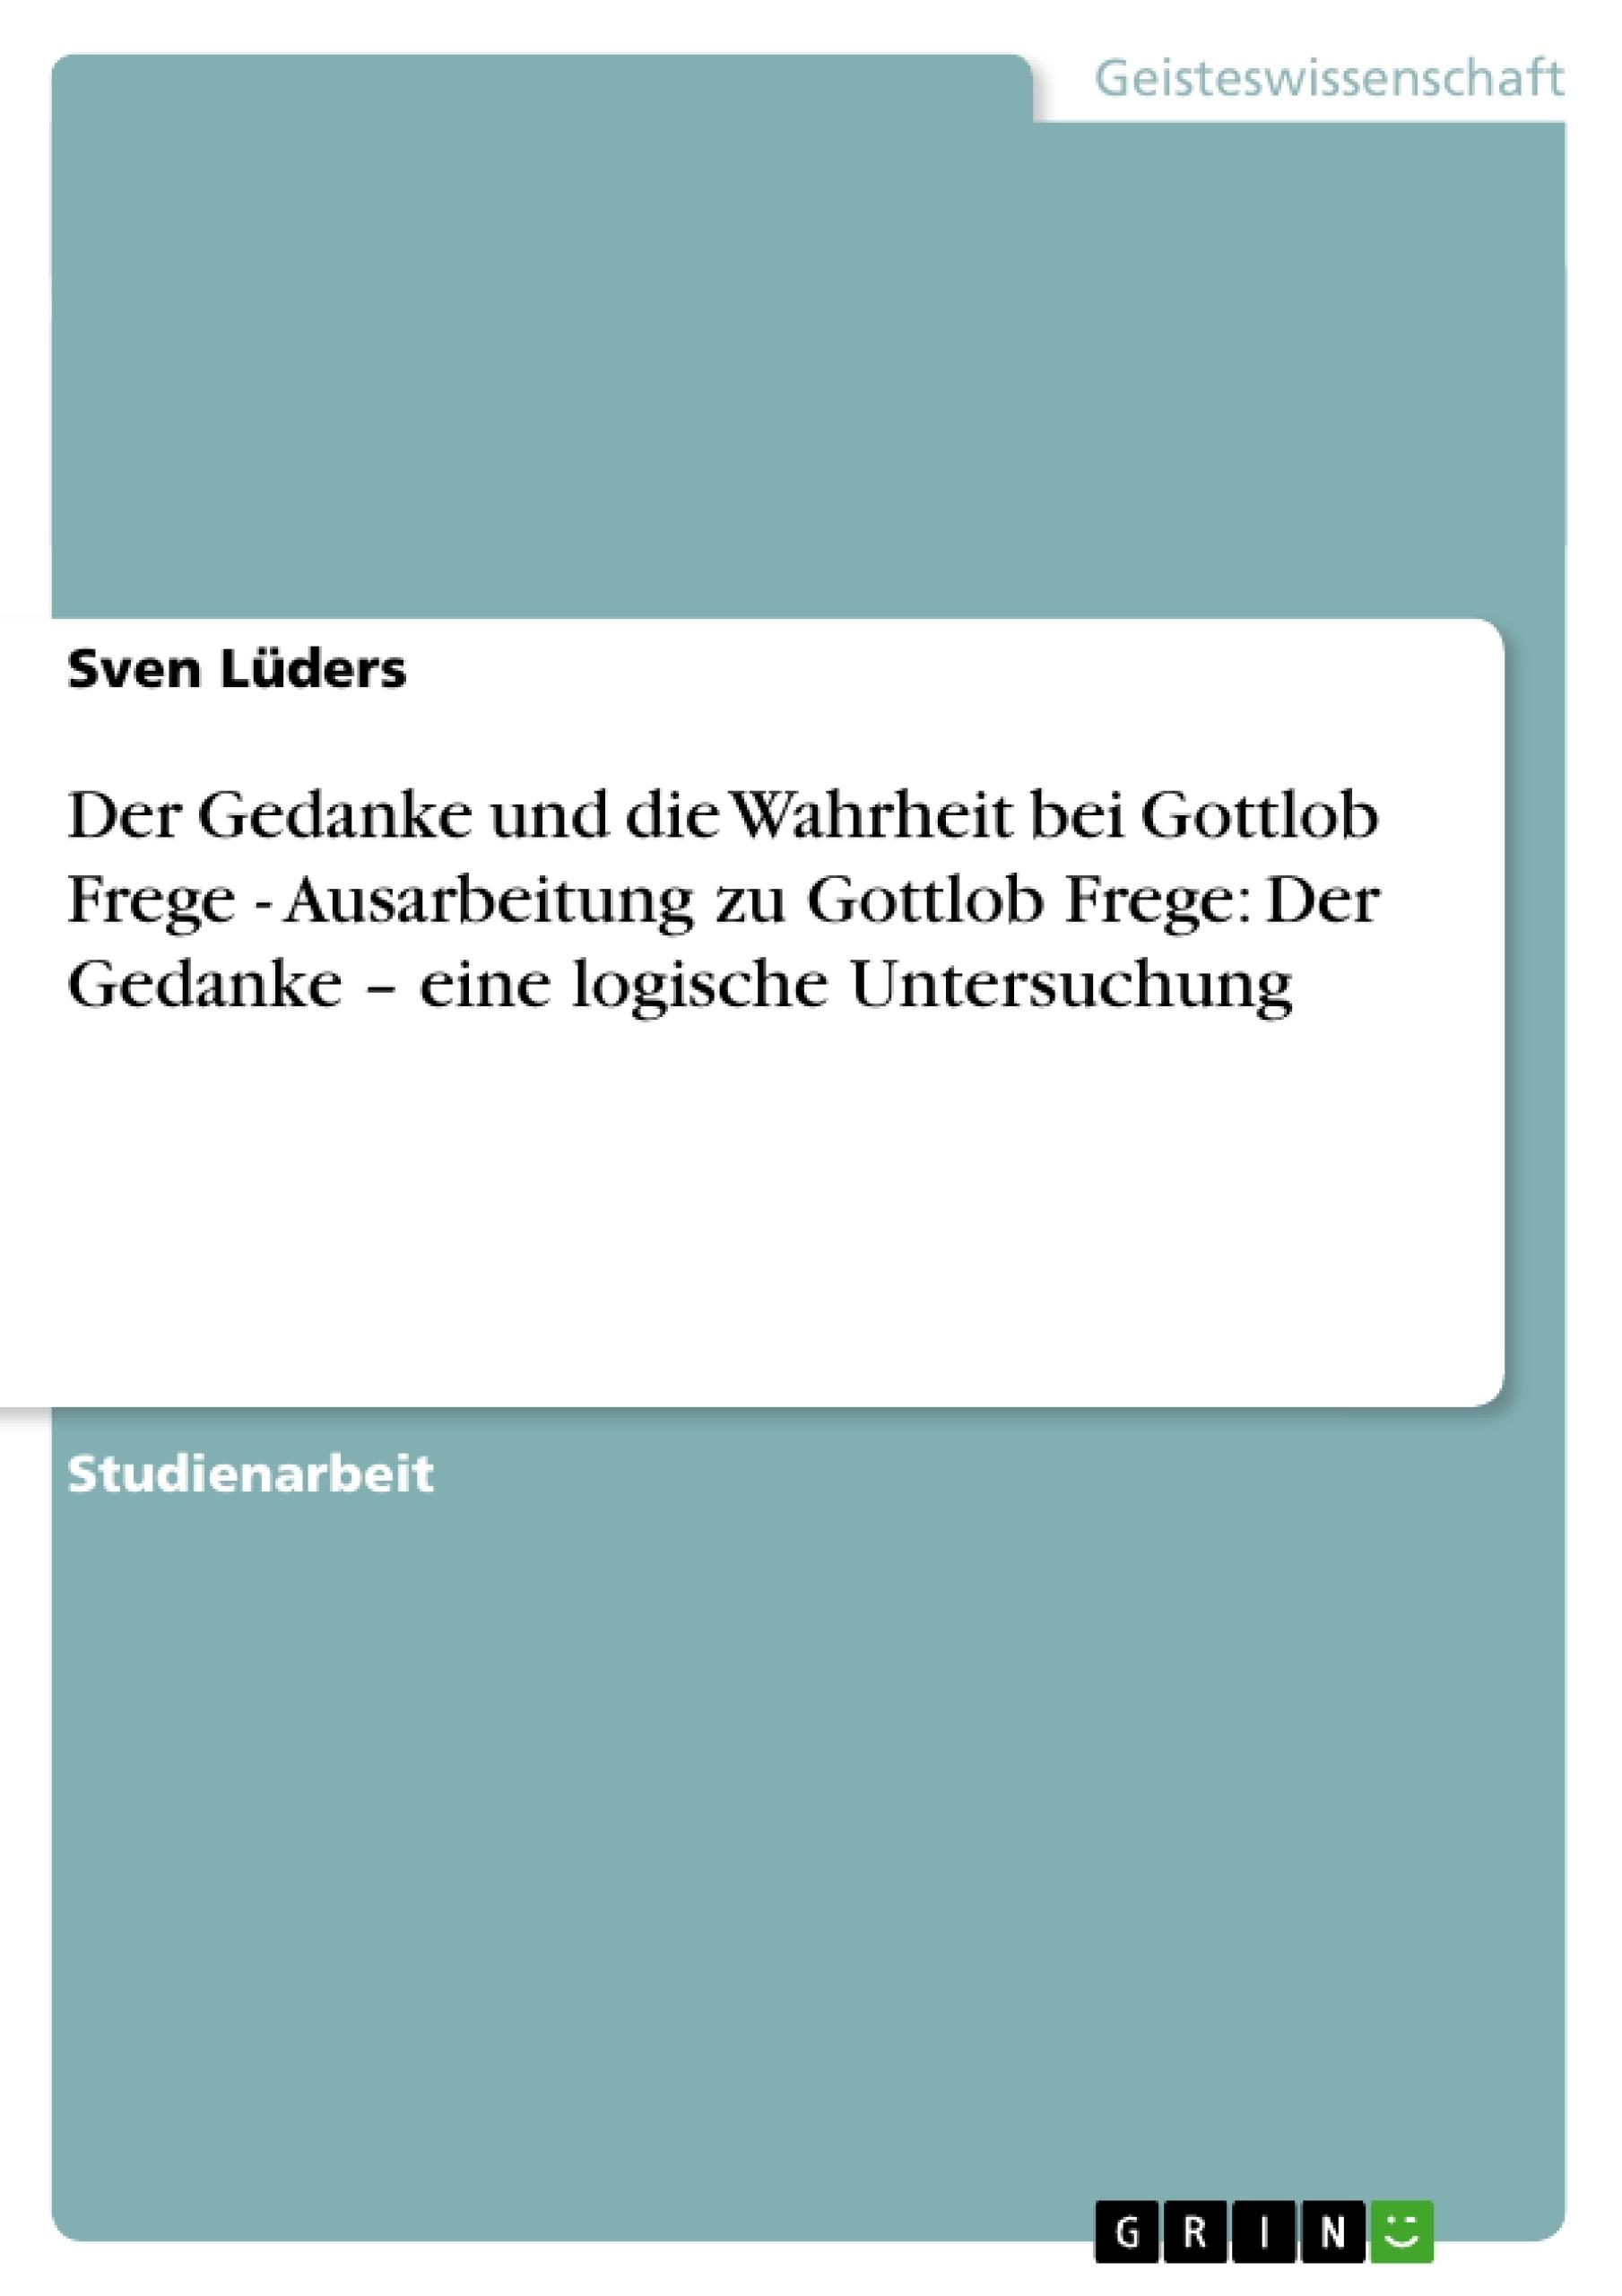 Titel: Der Gedanke und die Wahrheit bei Gottlob Frege  -  Ausarbeitung zu Gottlob Frege: Der Gedanke – eine logische Untersuchung